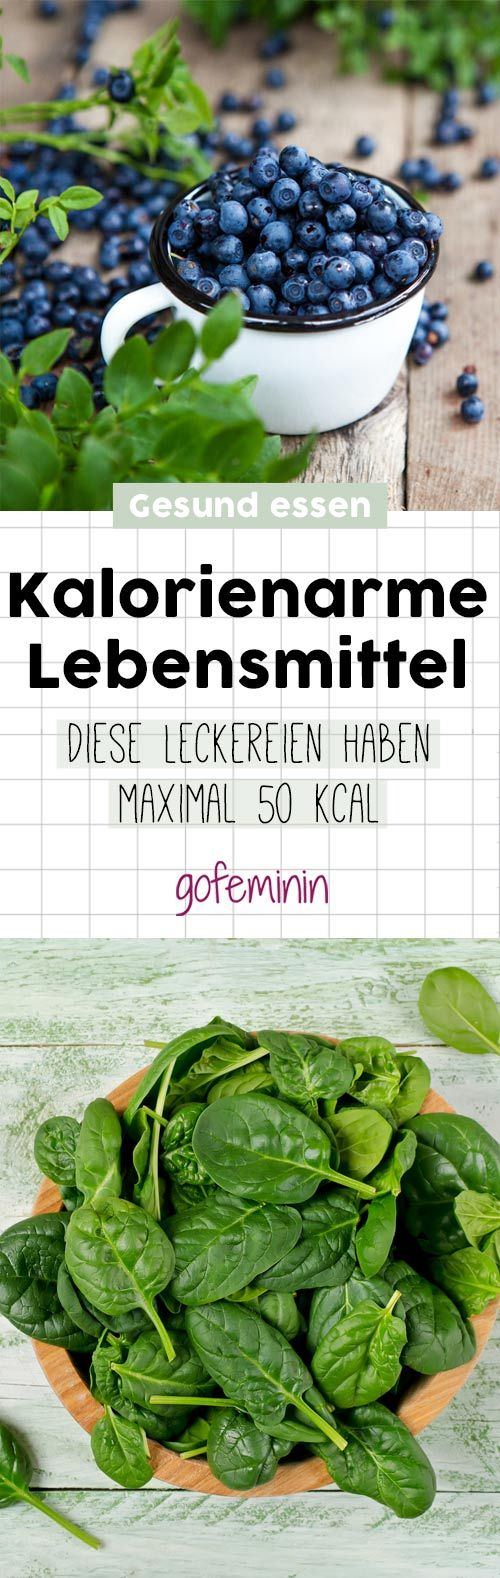 Gurke, Kiwi oder Praline: 50 Lebensmittel mit maximal 50 kcal